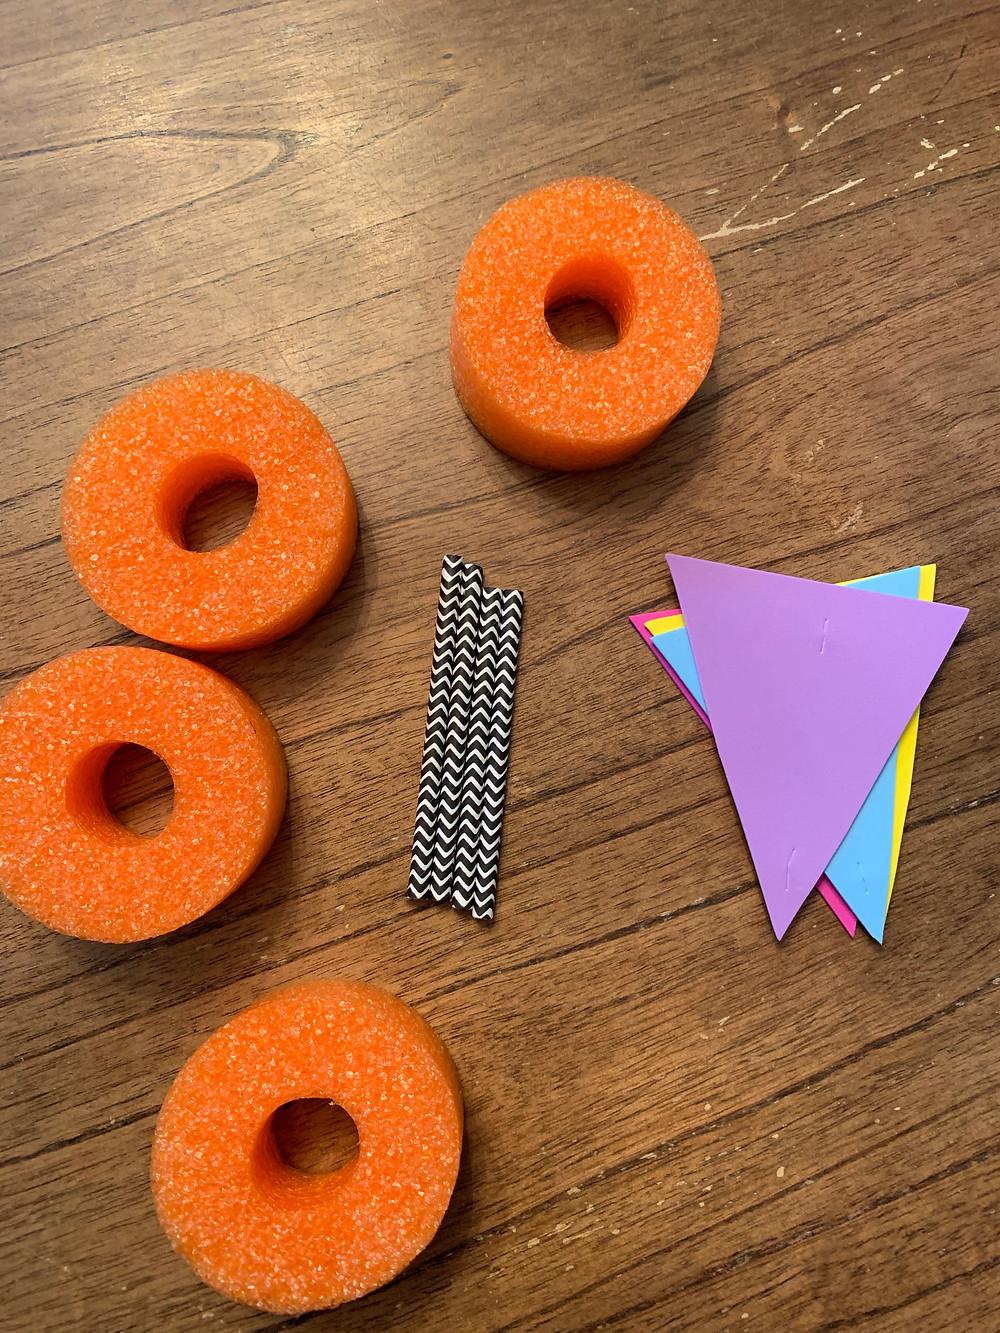 4 tronçons de nouille de piscine, 2 pailles, puis 4 triangles en mousse.